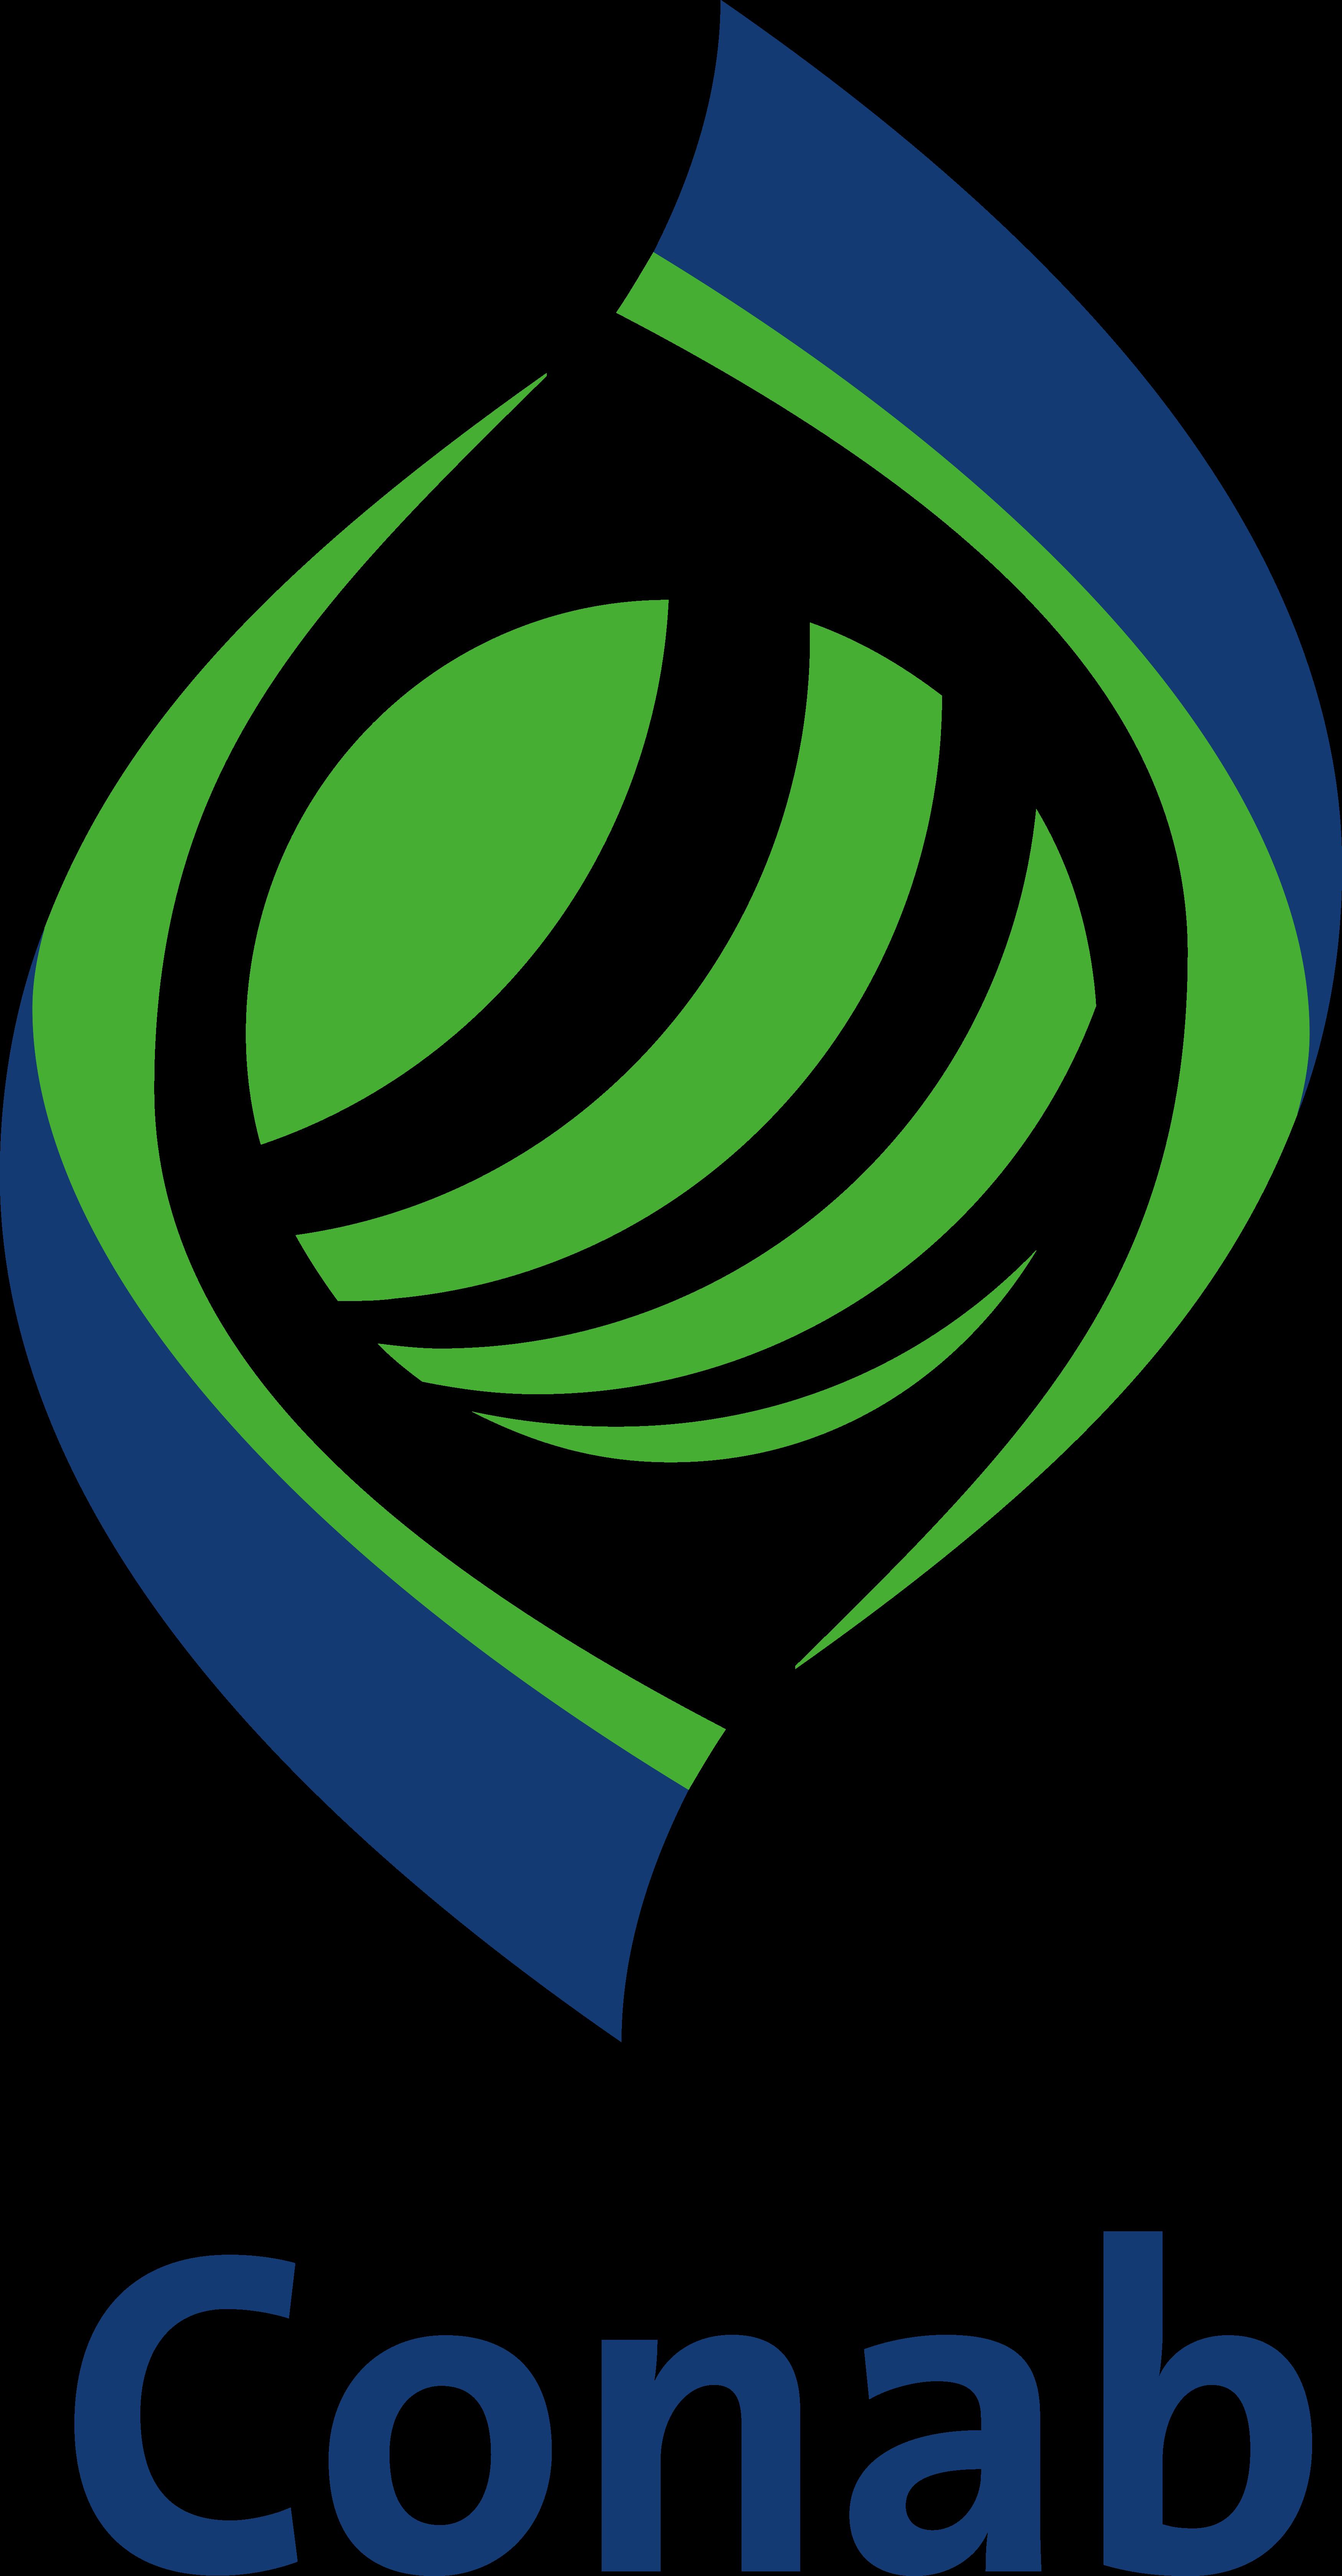 conab logo 1 - Conab Logo - Companhia Nacional de Abastecimento Logo